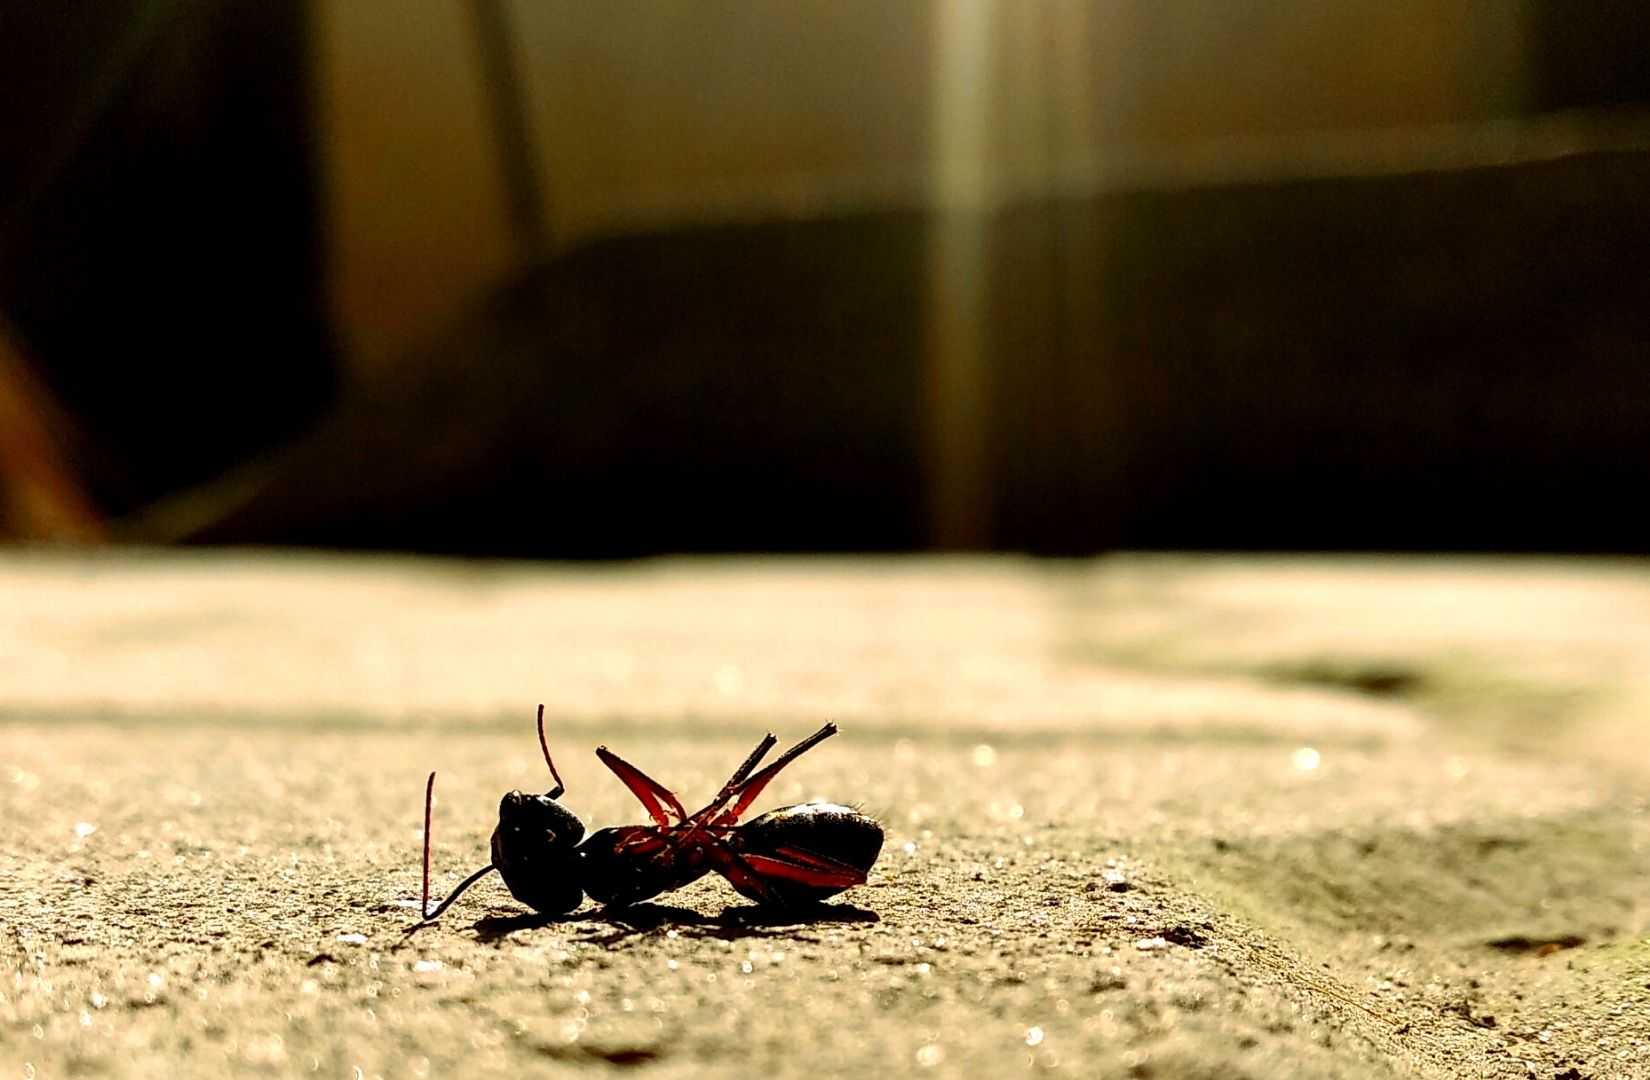 Eine tote Ameise als Symbol für überzogenen Subjektivismus. (Foto: Malcolm Shadrach, Unsplash.com)